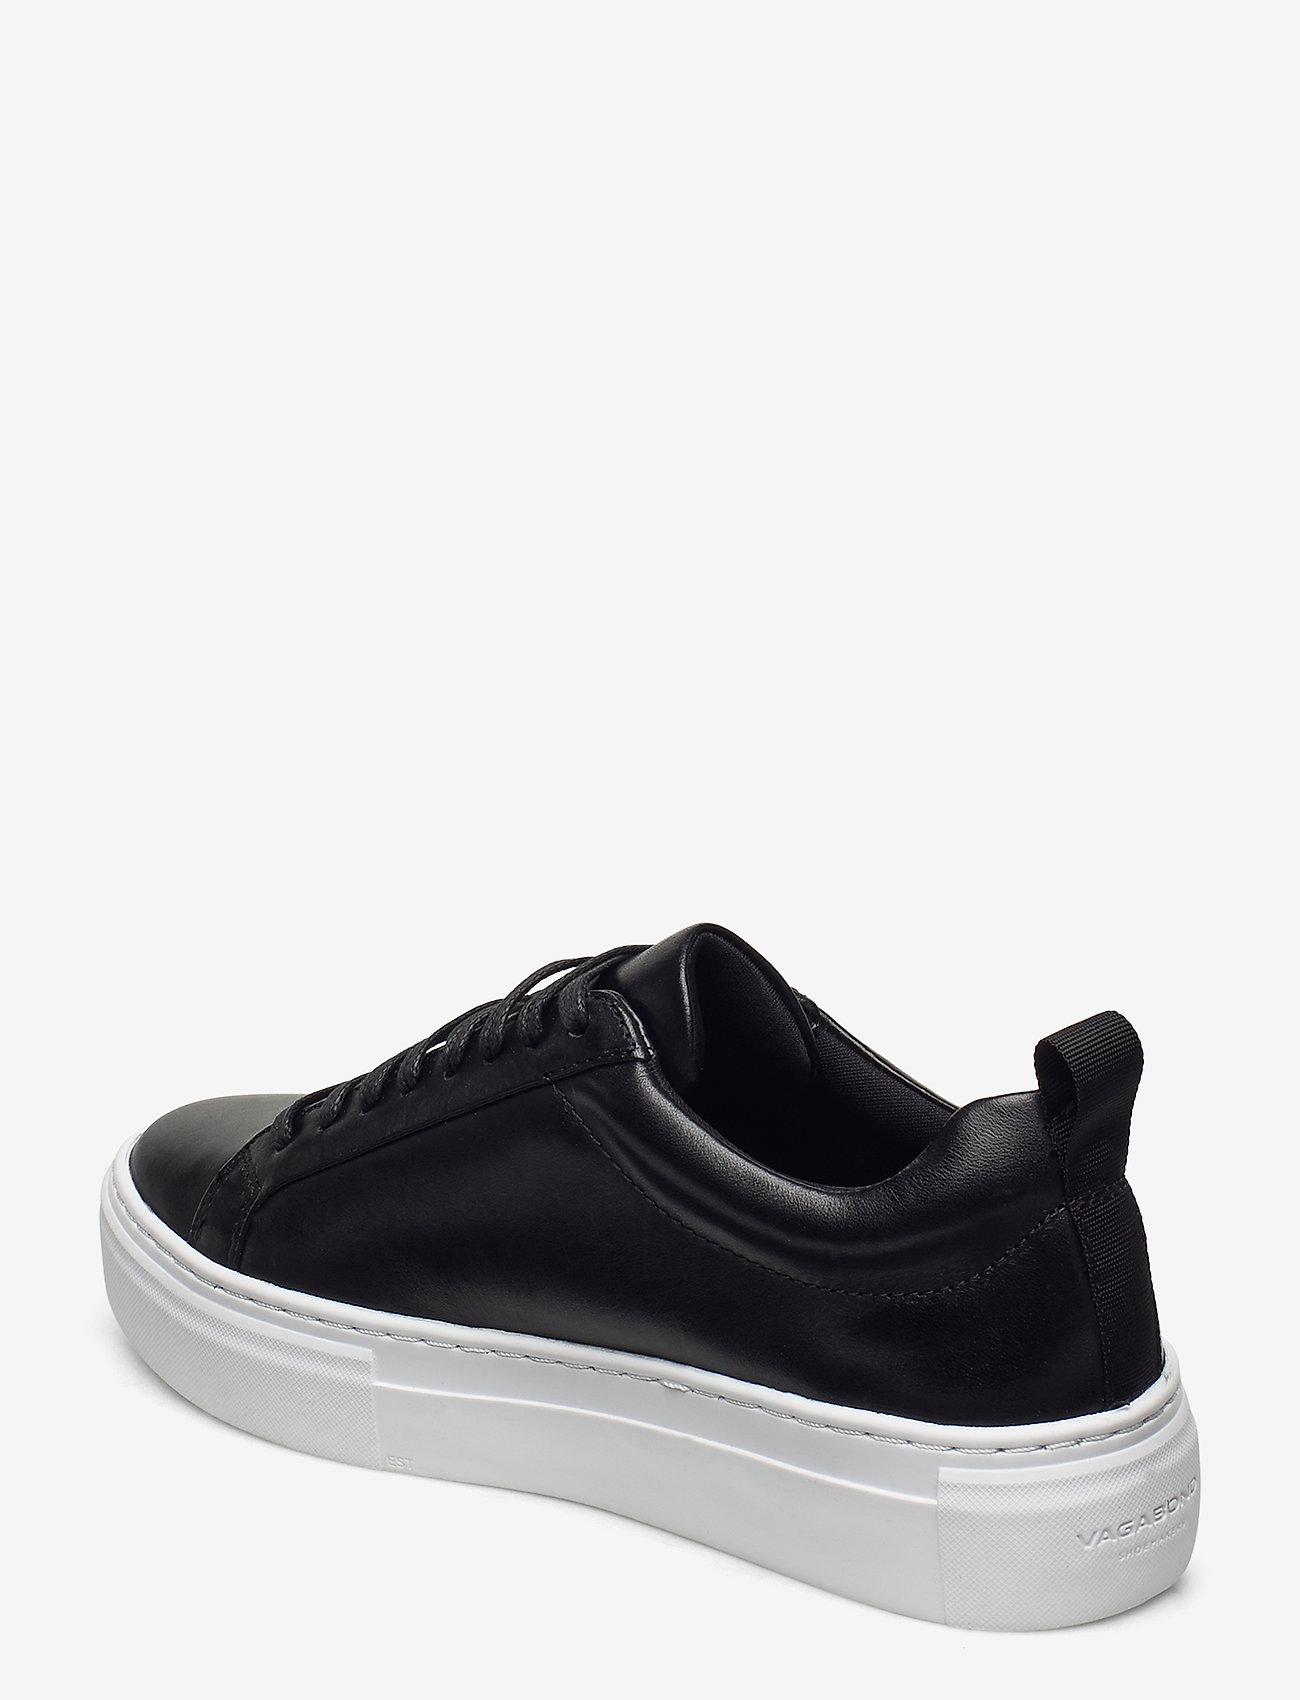 VAGABOND - ZOE PLATFORM - sneakersy niskie - black - 2